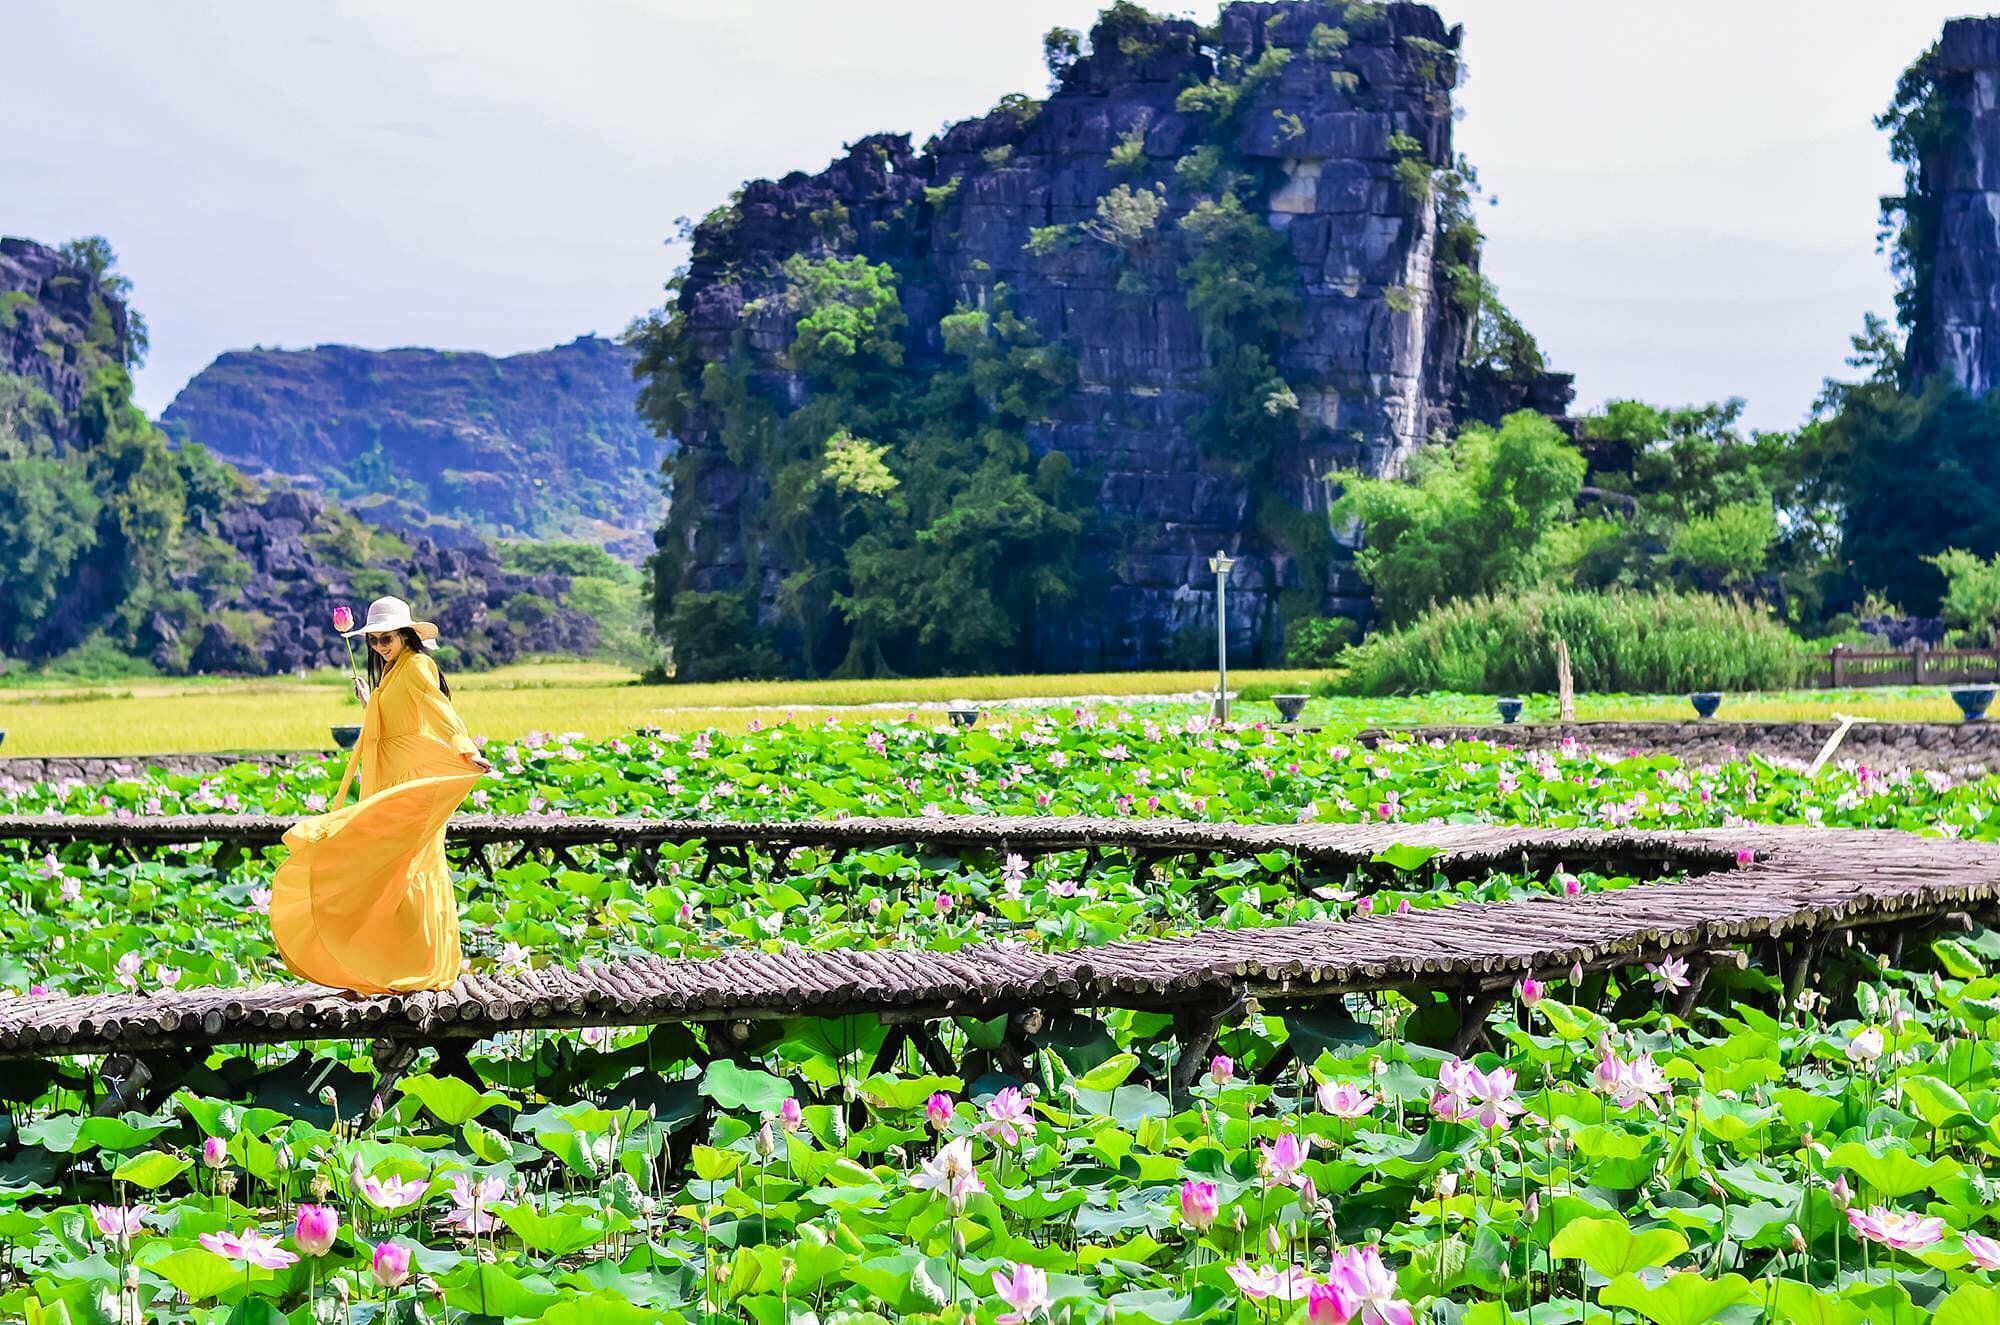 Đầm sen Ninh Bình nở rộ đẹp rực rỡ, chị em nhanh nhanh chuẩn bị váy áo xúng xính để chụp ảnh thôi nào  - Ảnh 5.